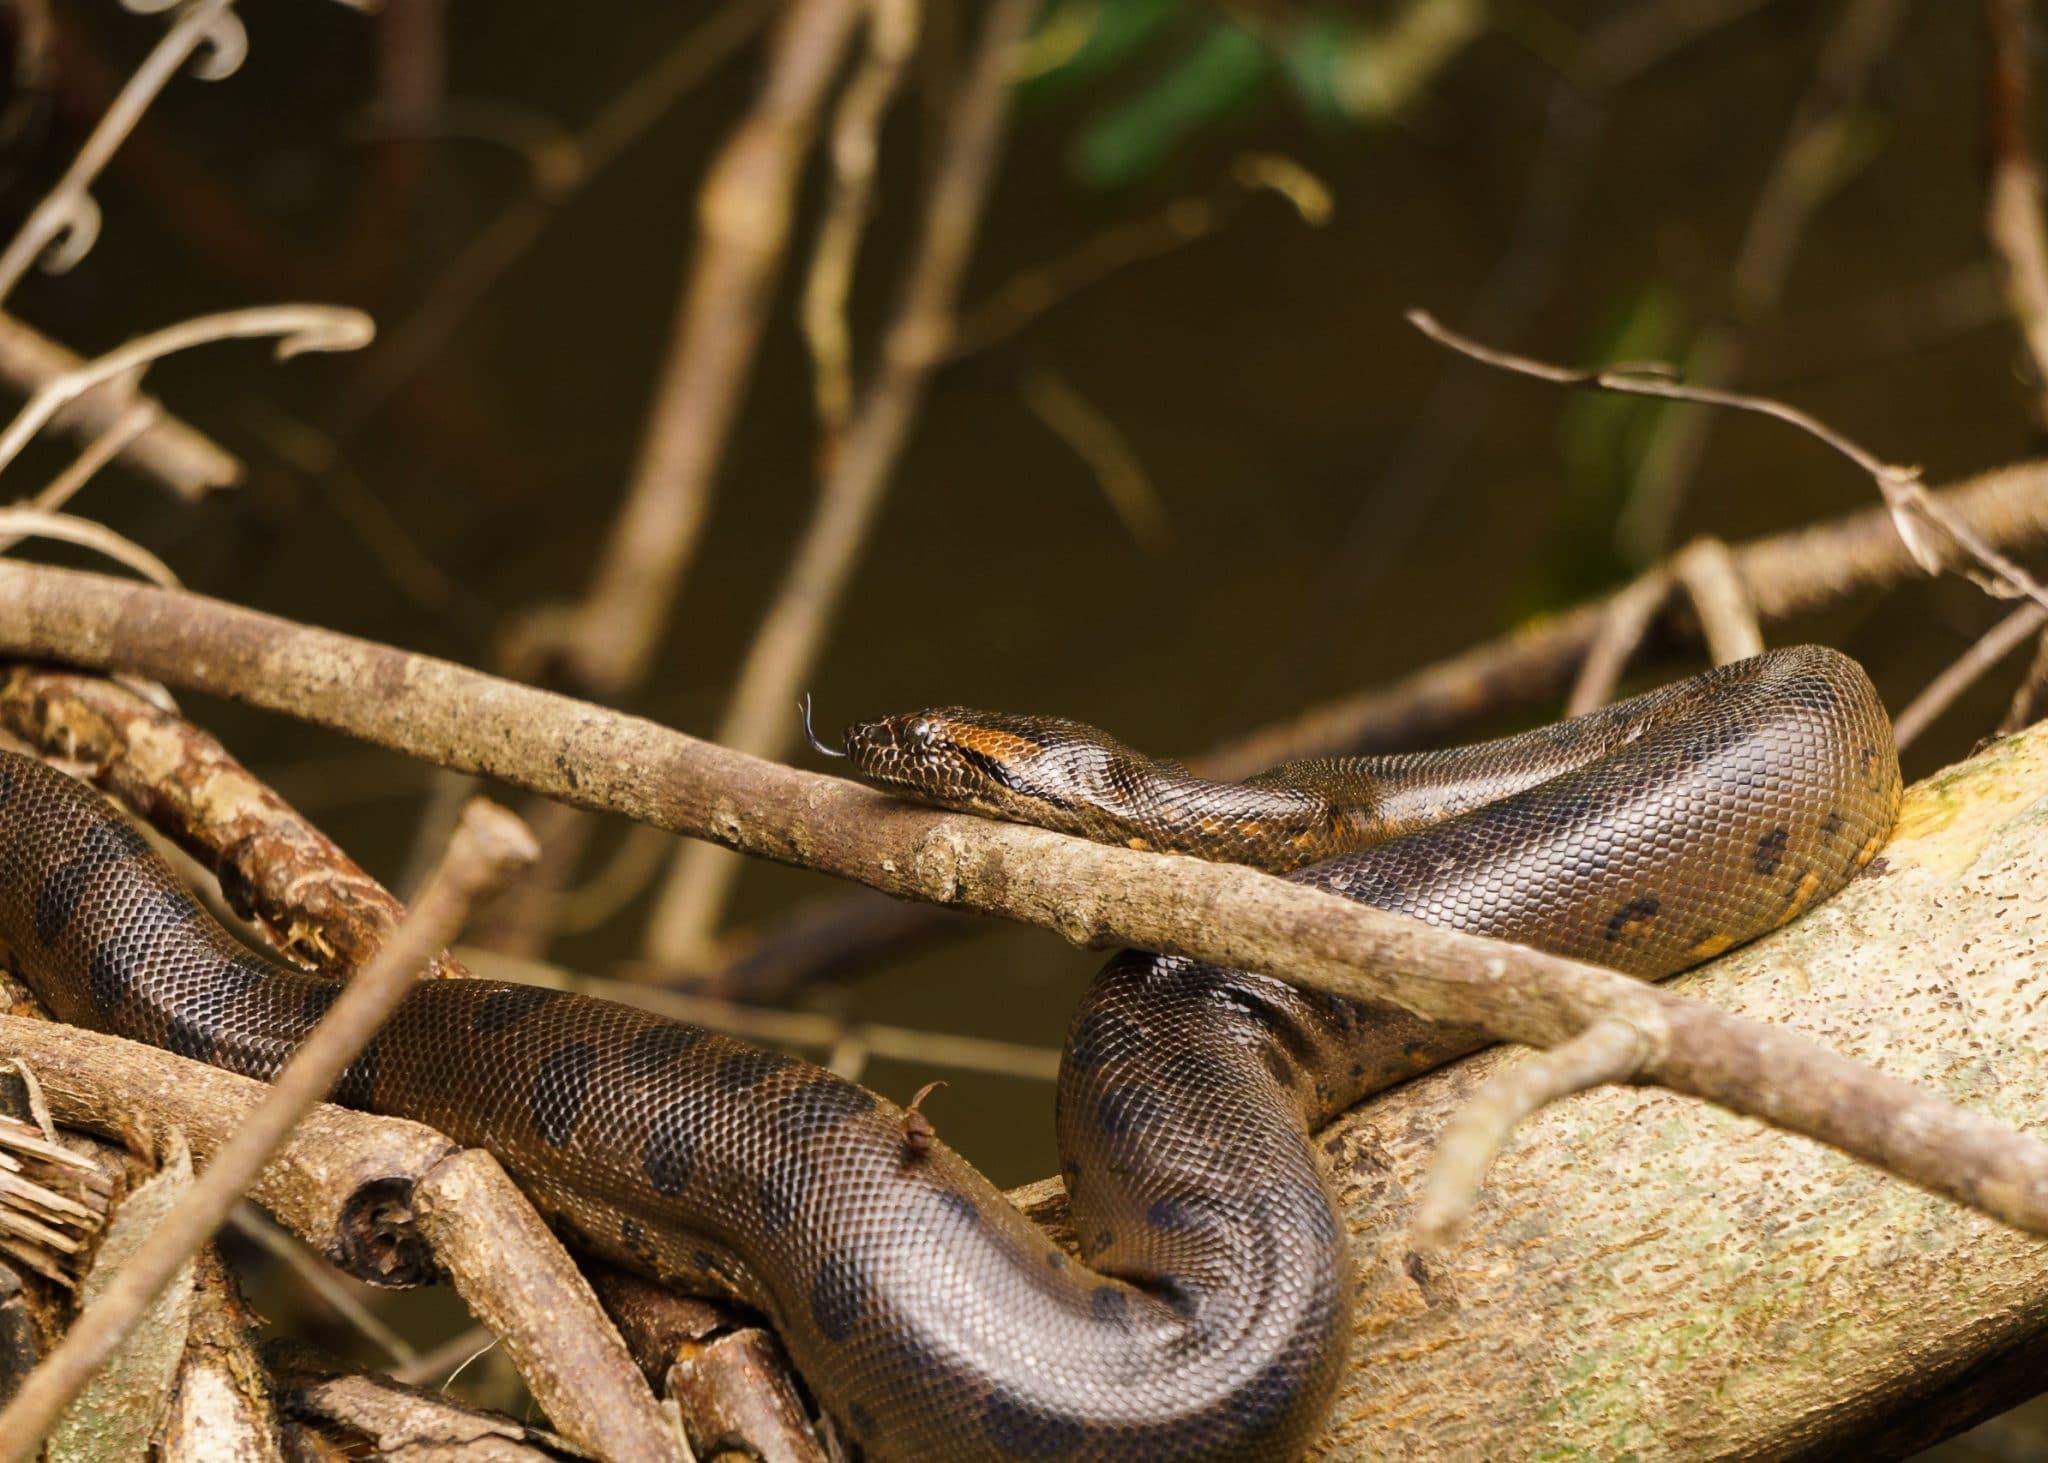 Baby Anoconda in Ecuador's Amazon